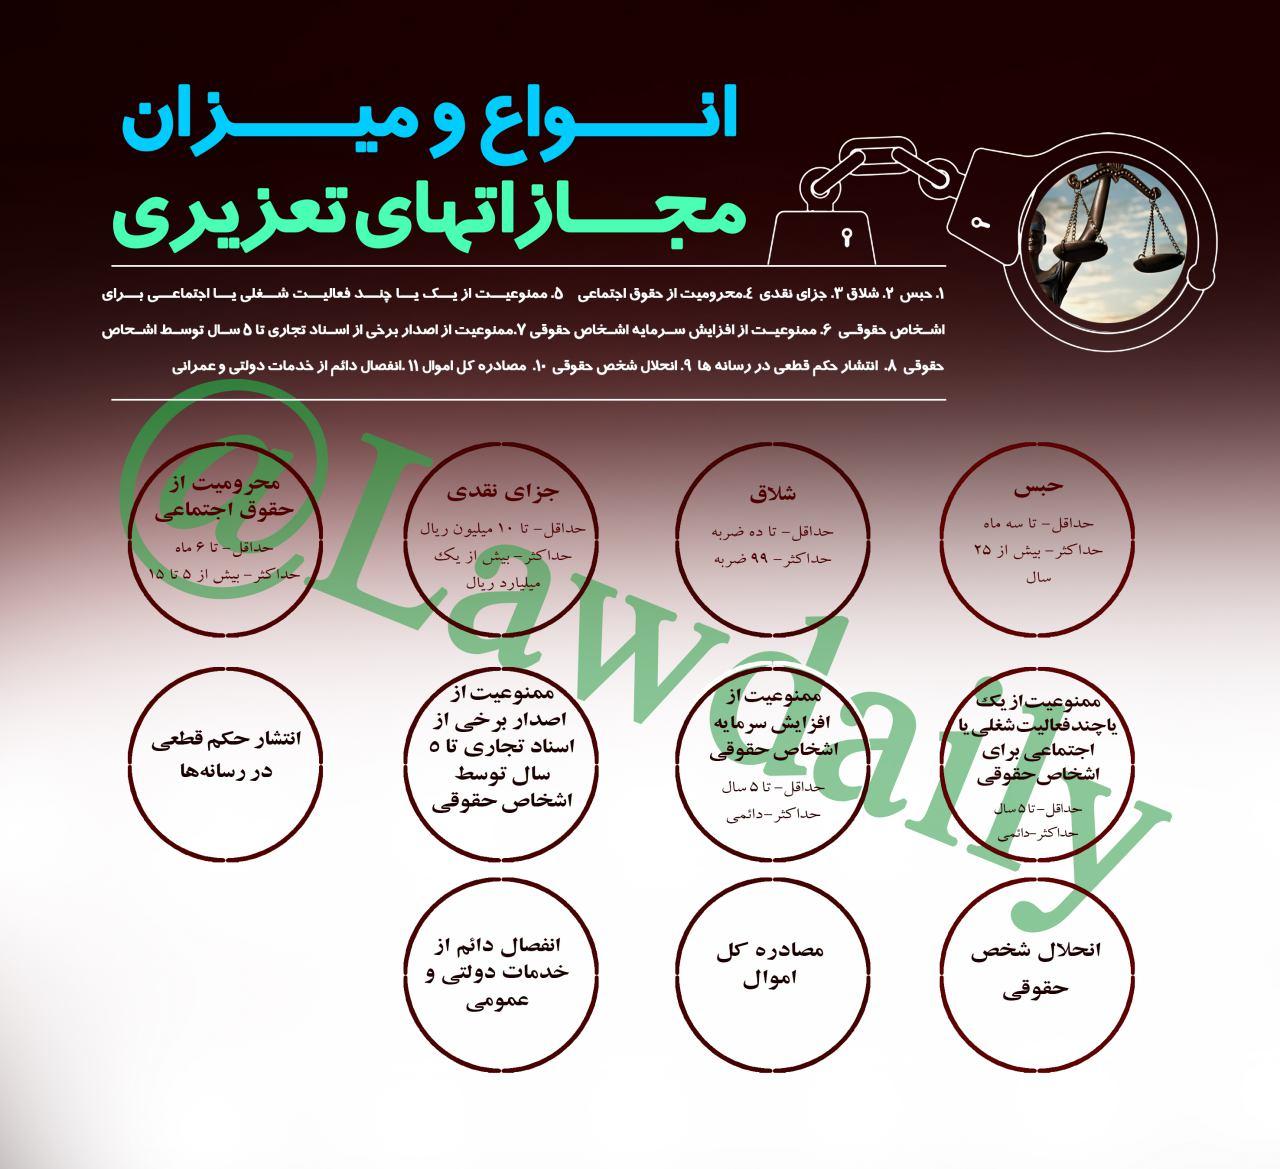 اینفوگرافی انواع و میزان مجازاتهای تعزیری